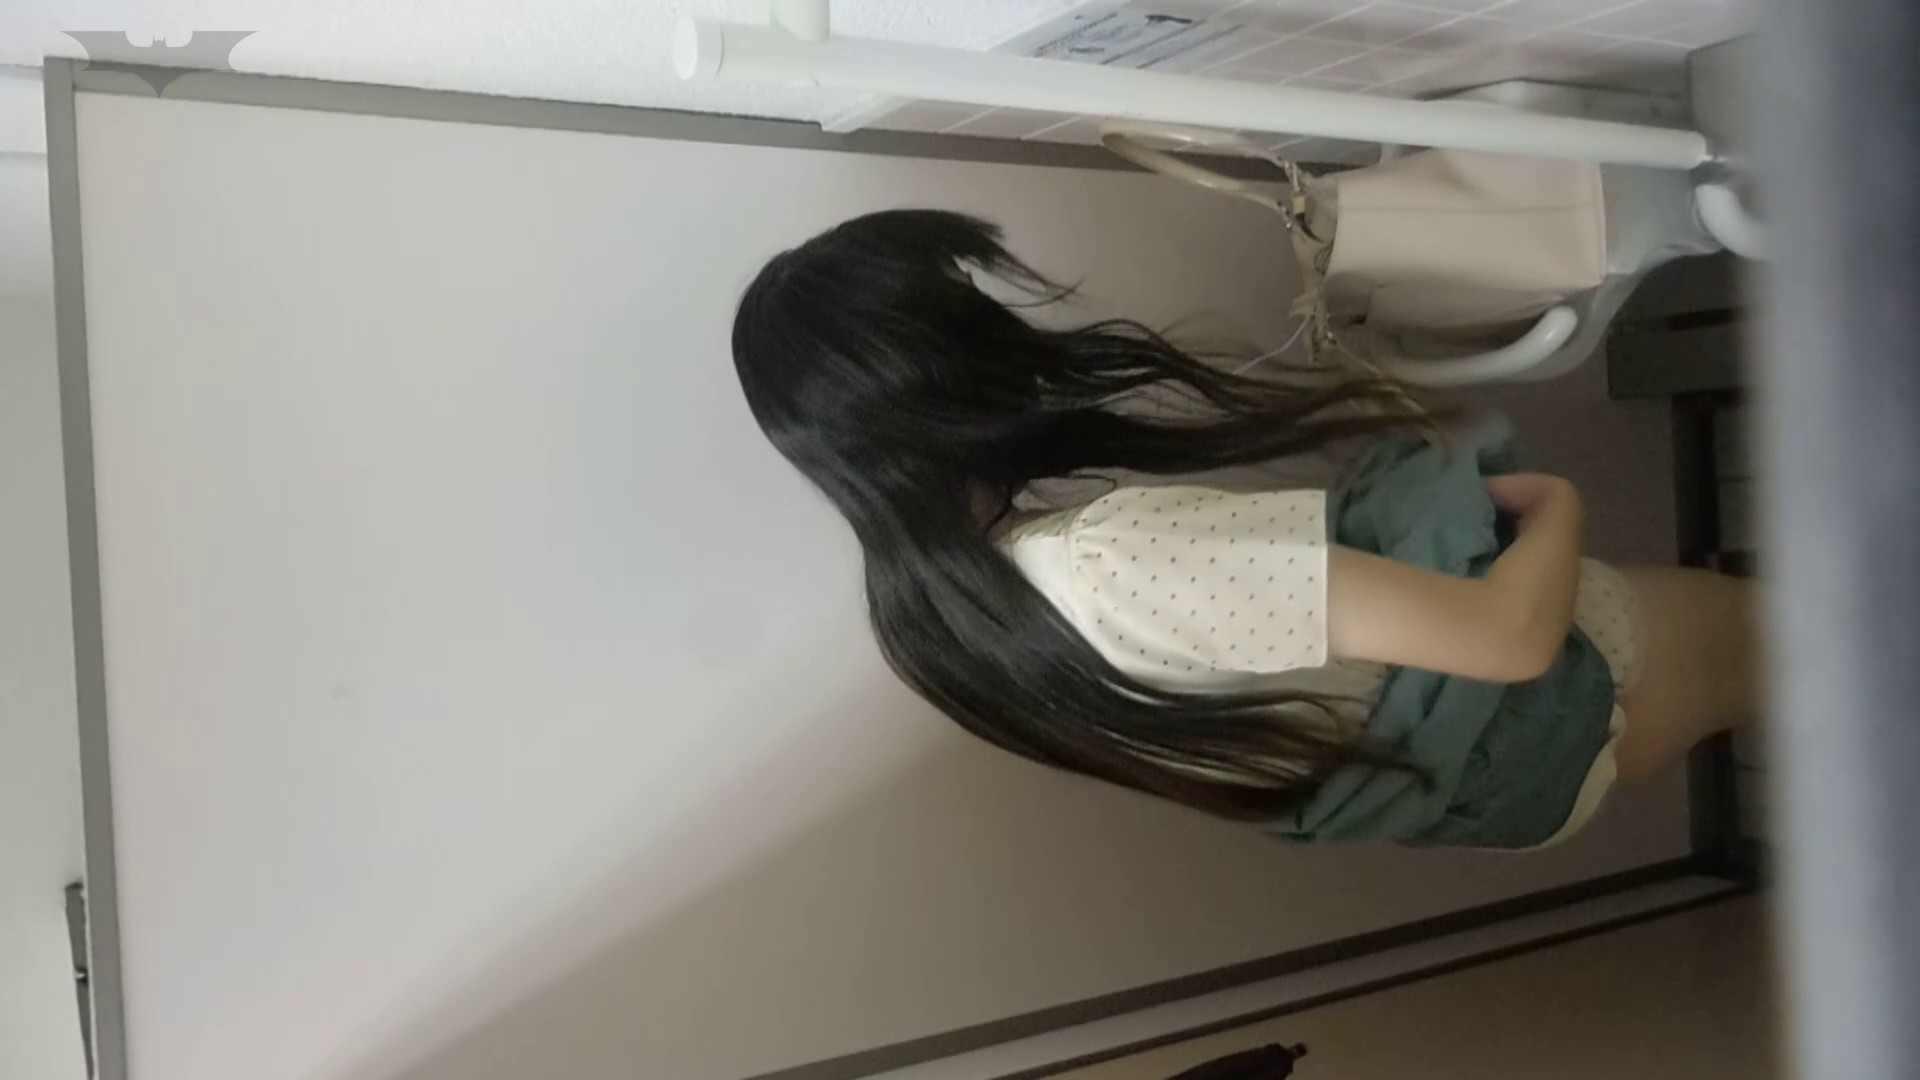 化粧室絵巻 駅舎編 VOL.21 ヨリドリミドリ!!選びたい放題です。 OL   0  30連発 5